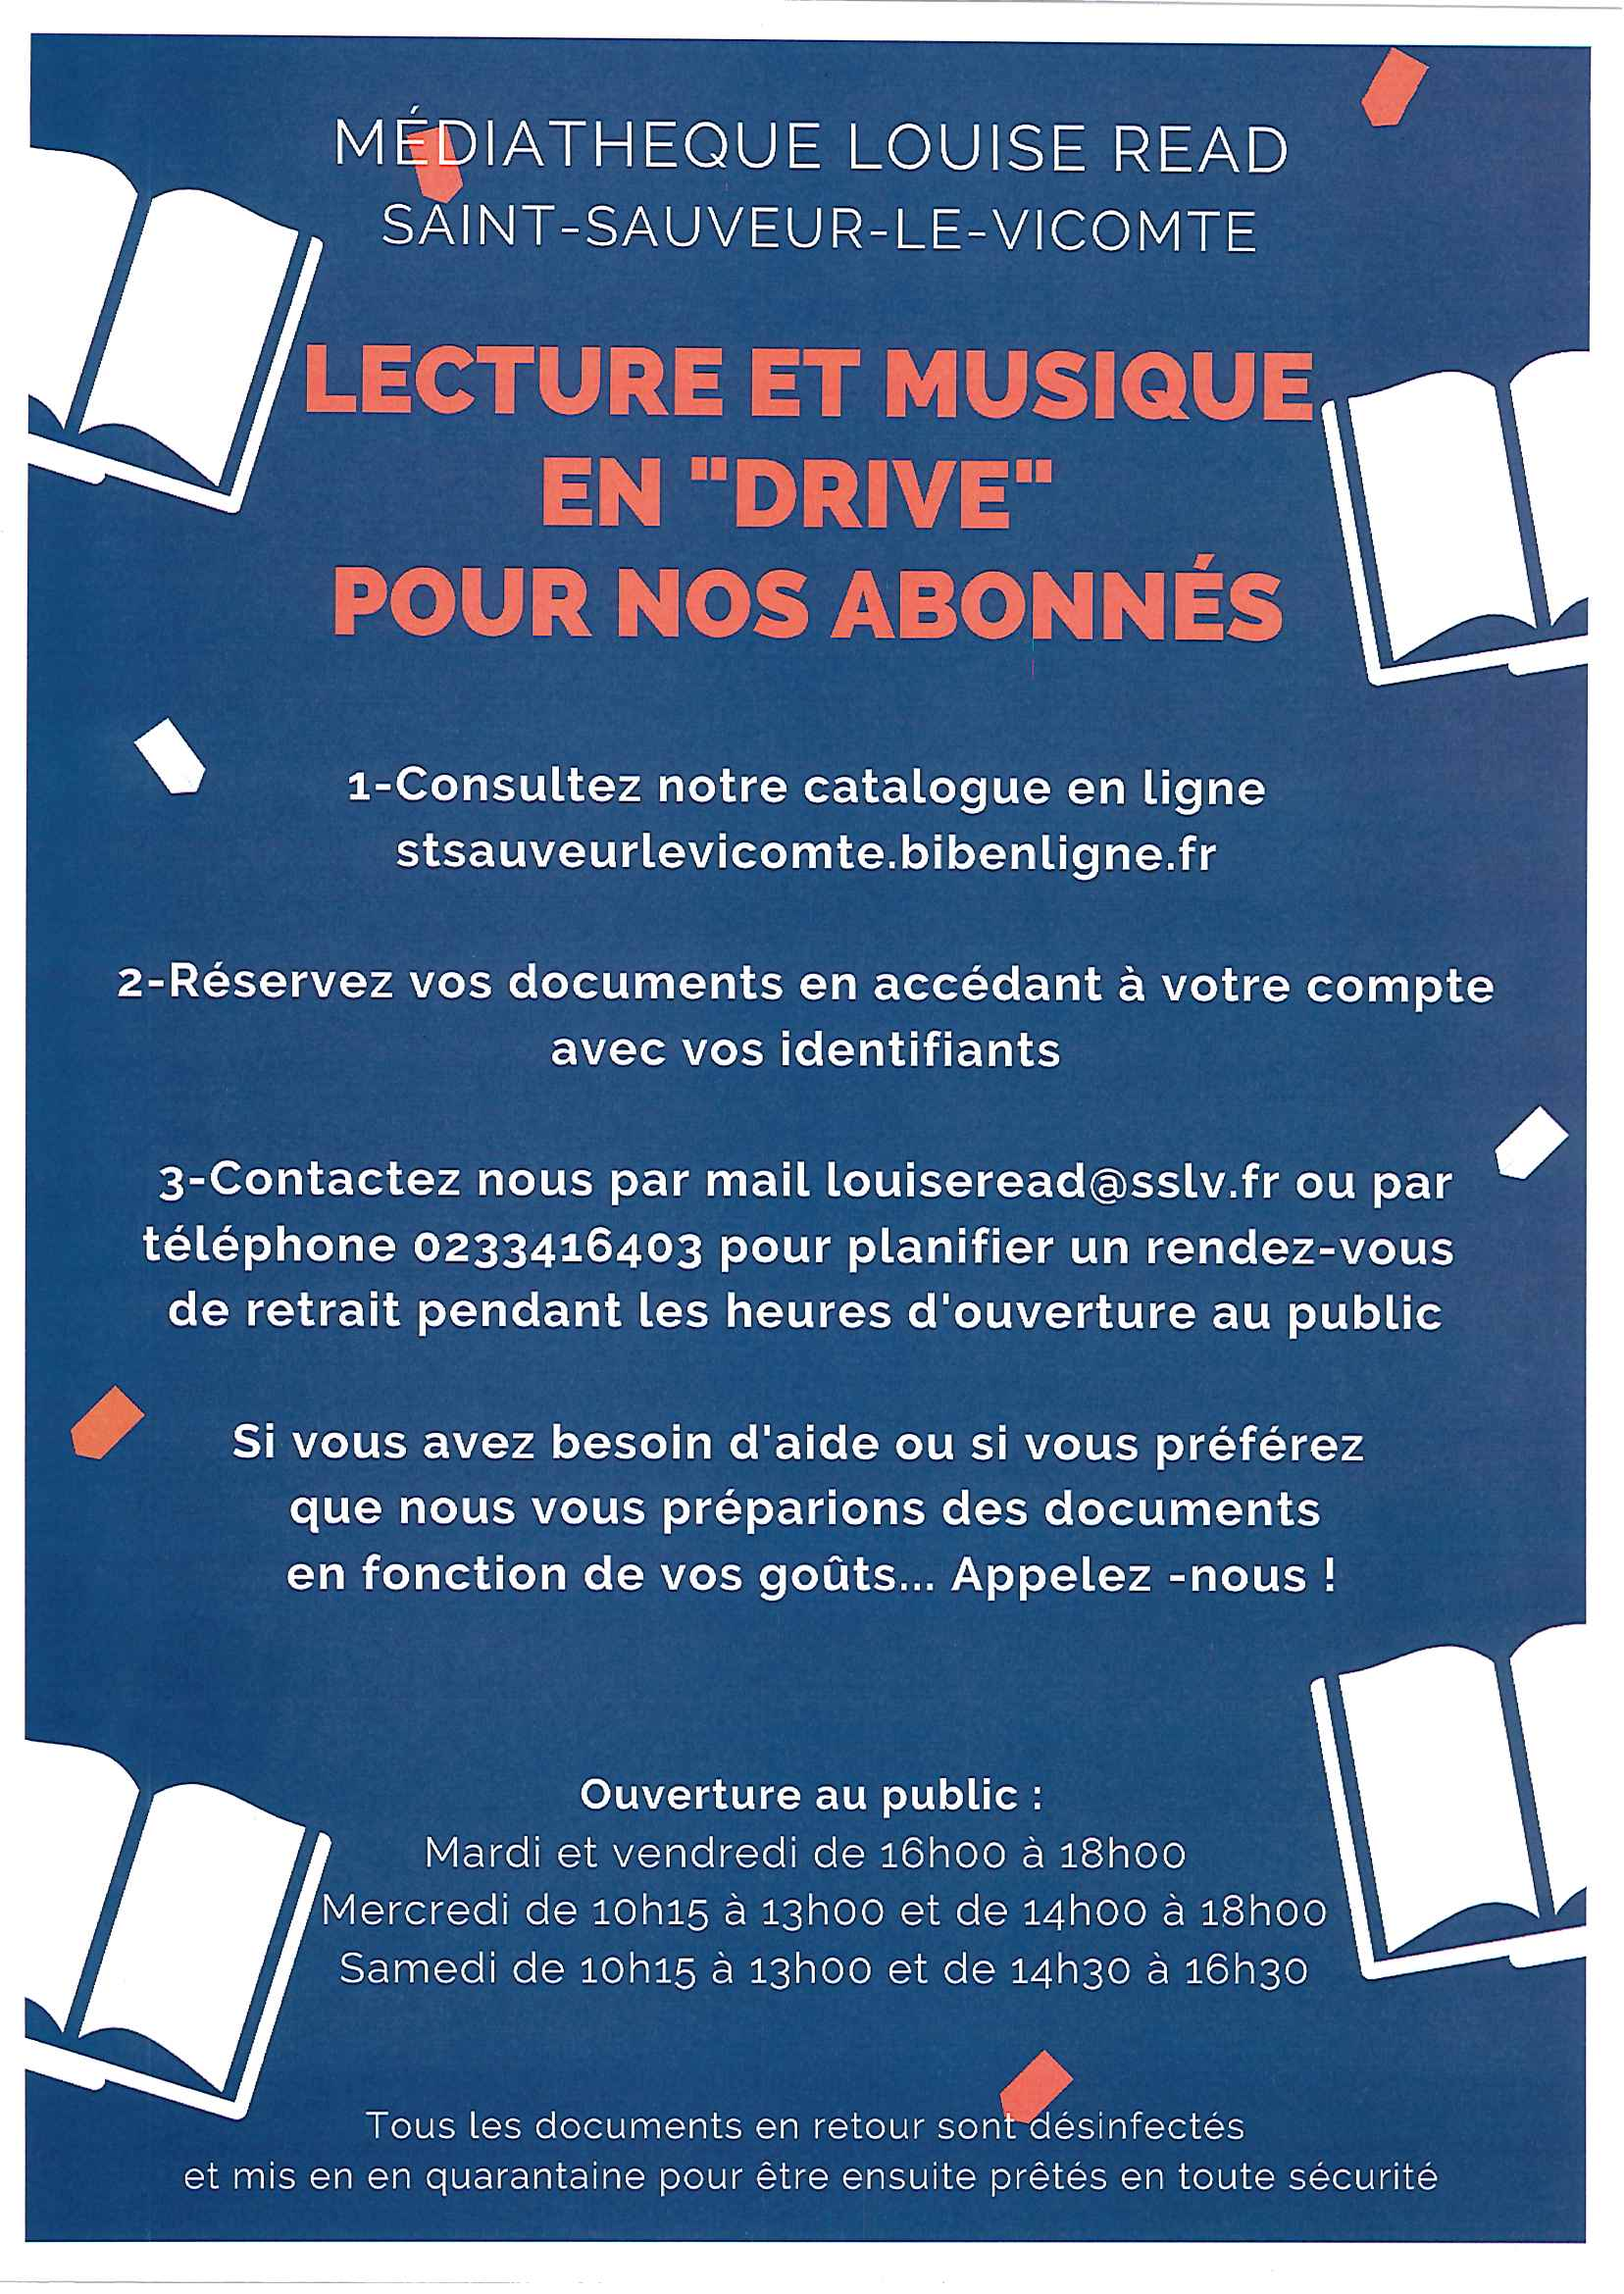 Médiathèque Louise Read – Lecture et musique en «Drive»